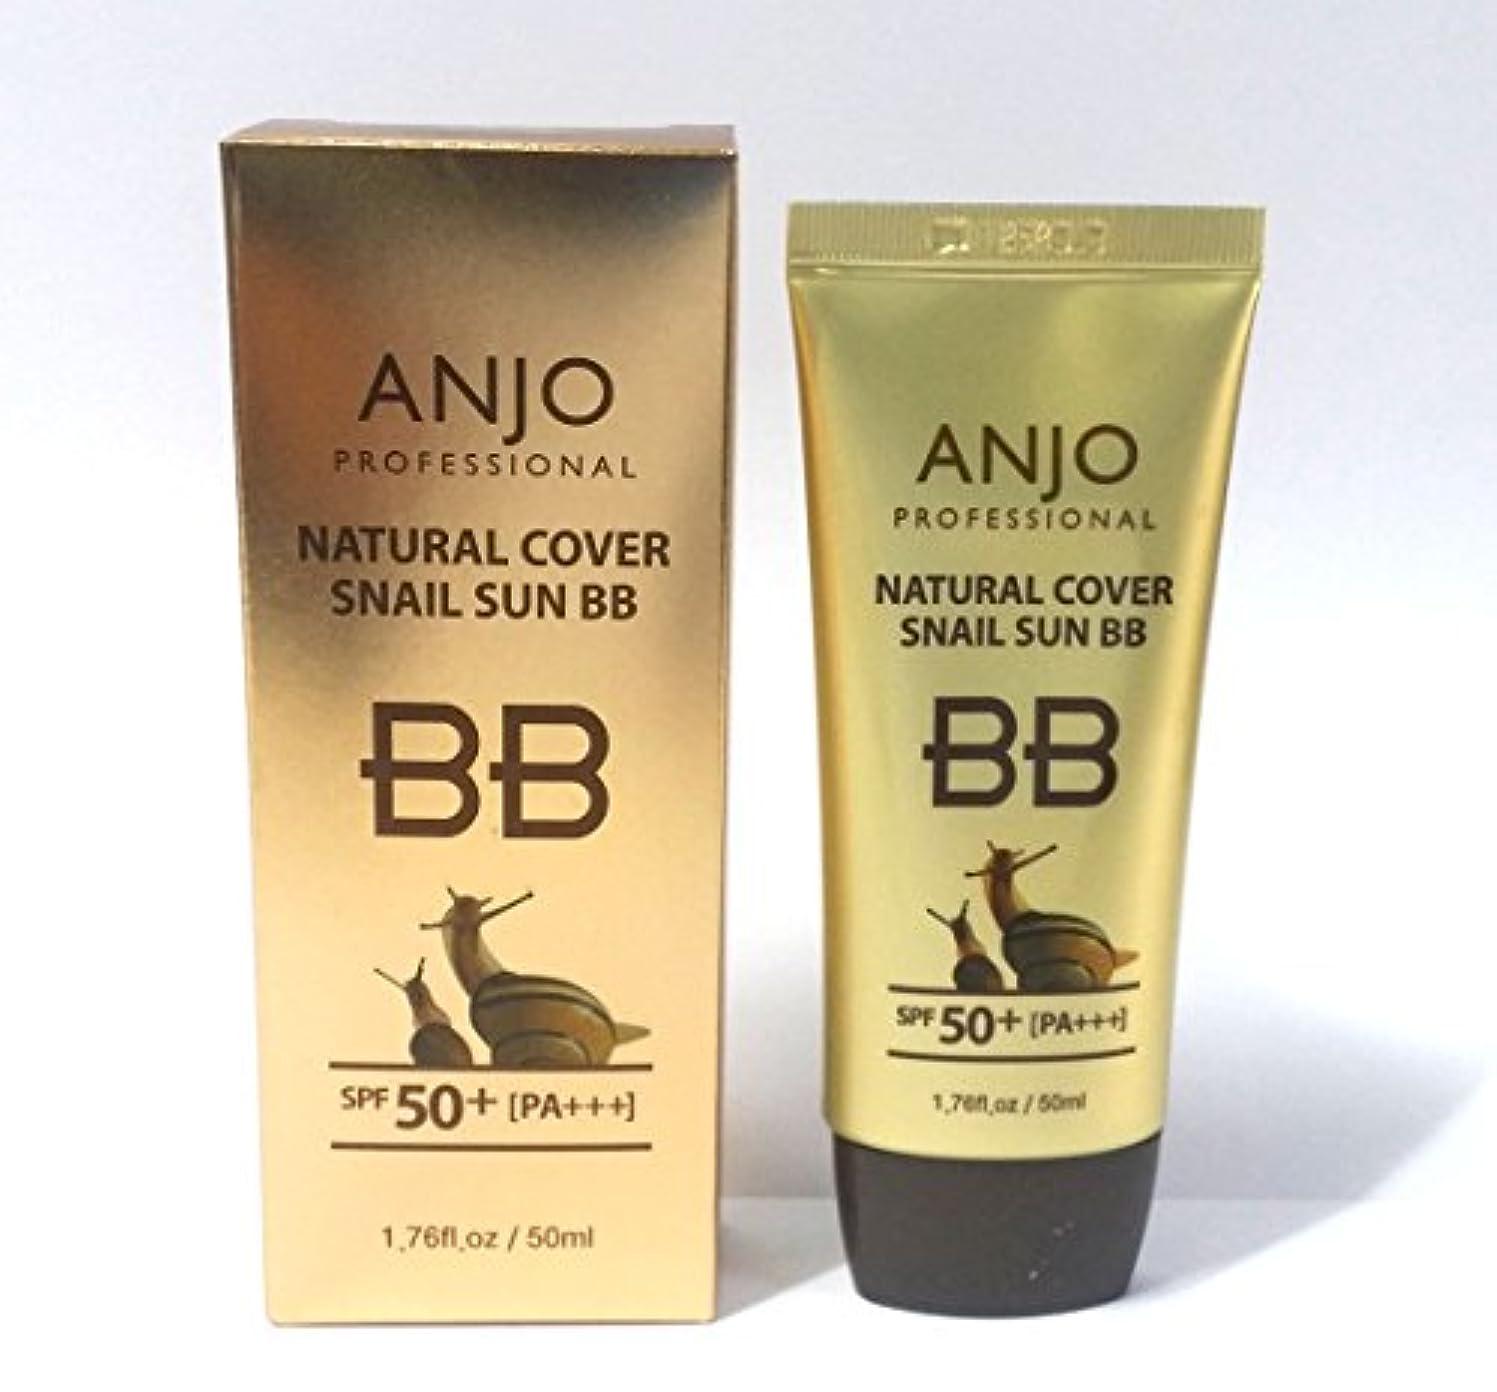 深さリーチヒット[ANJO] ナチュラルカバーカタツムリサンBBクリームSPF 50 + PA +++ 50ml X 3EA /メイクアップベース/カタツムリ粘液 / Natural Cover Snail Sun BB Cream SPF...